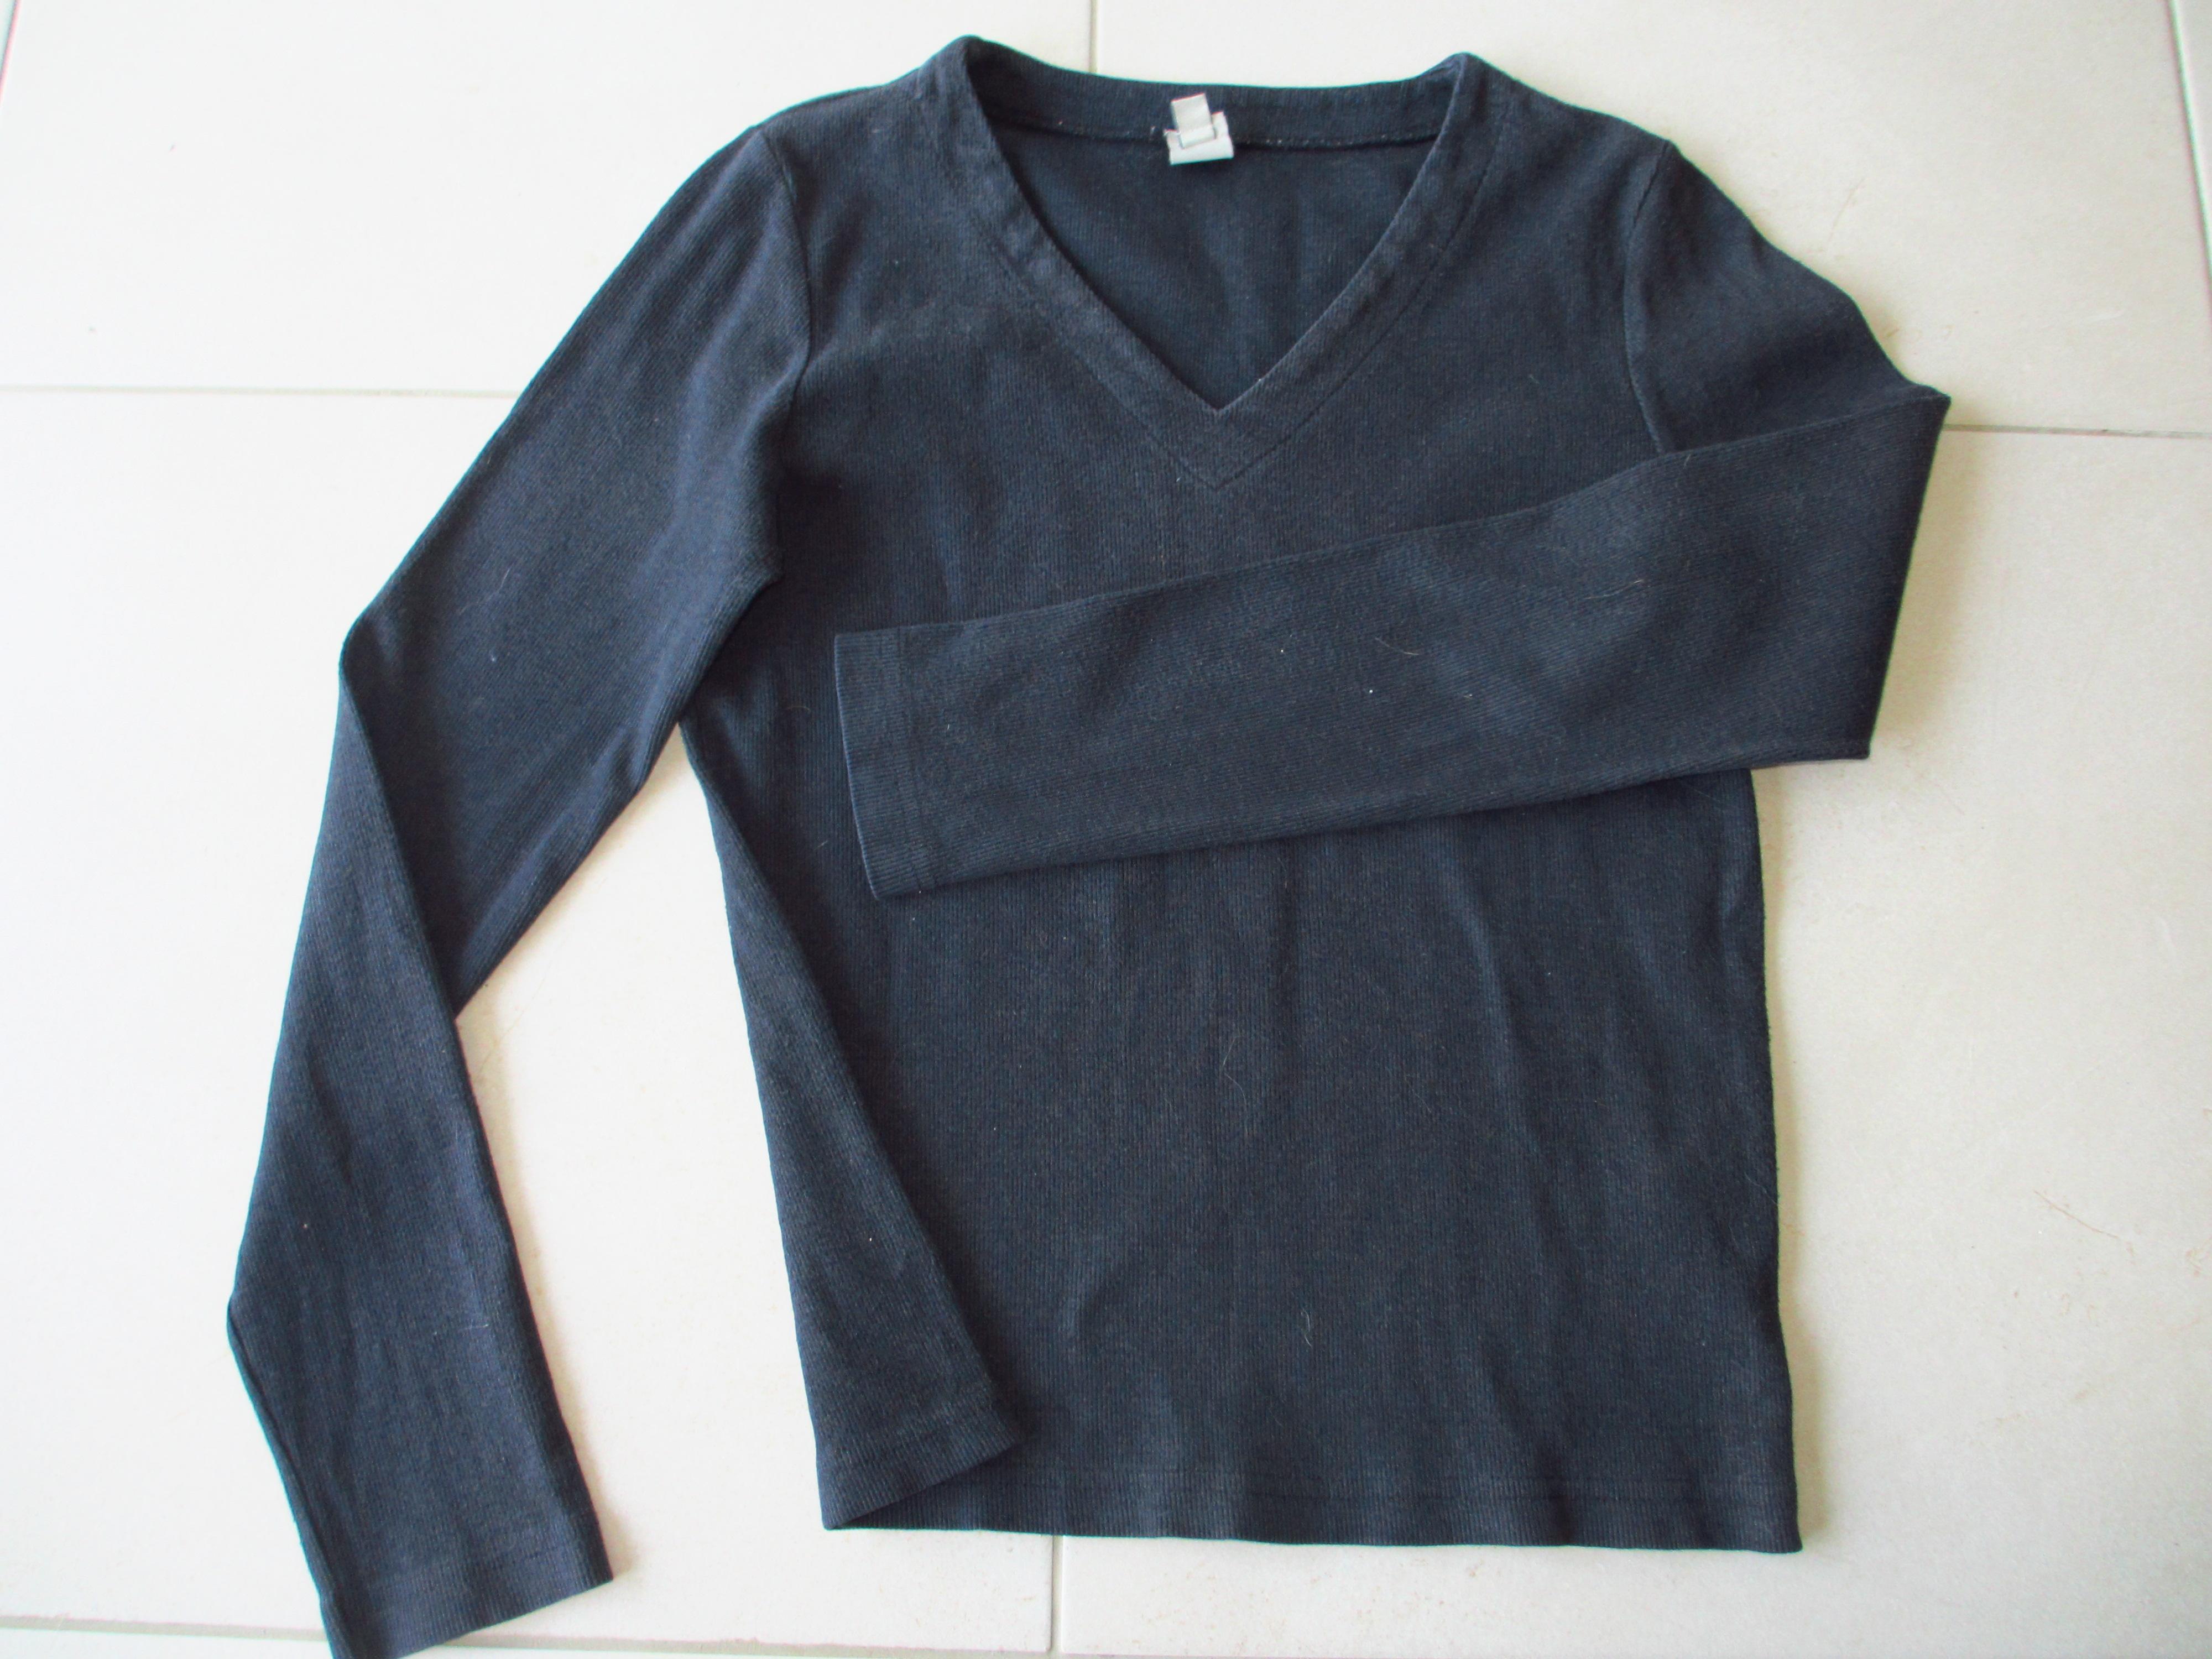 troc de troc t shirt épais liberto - taille m image 0